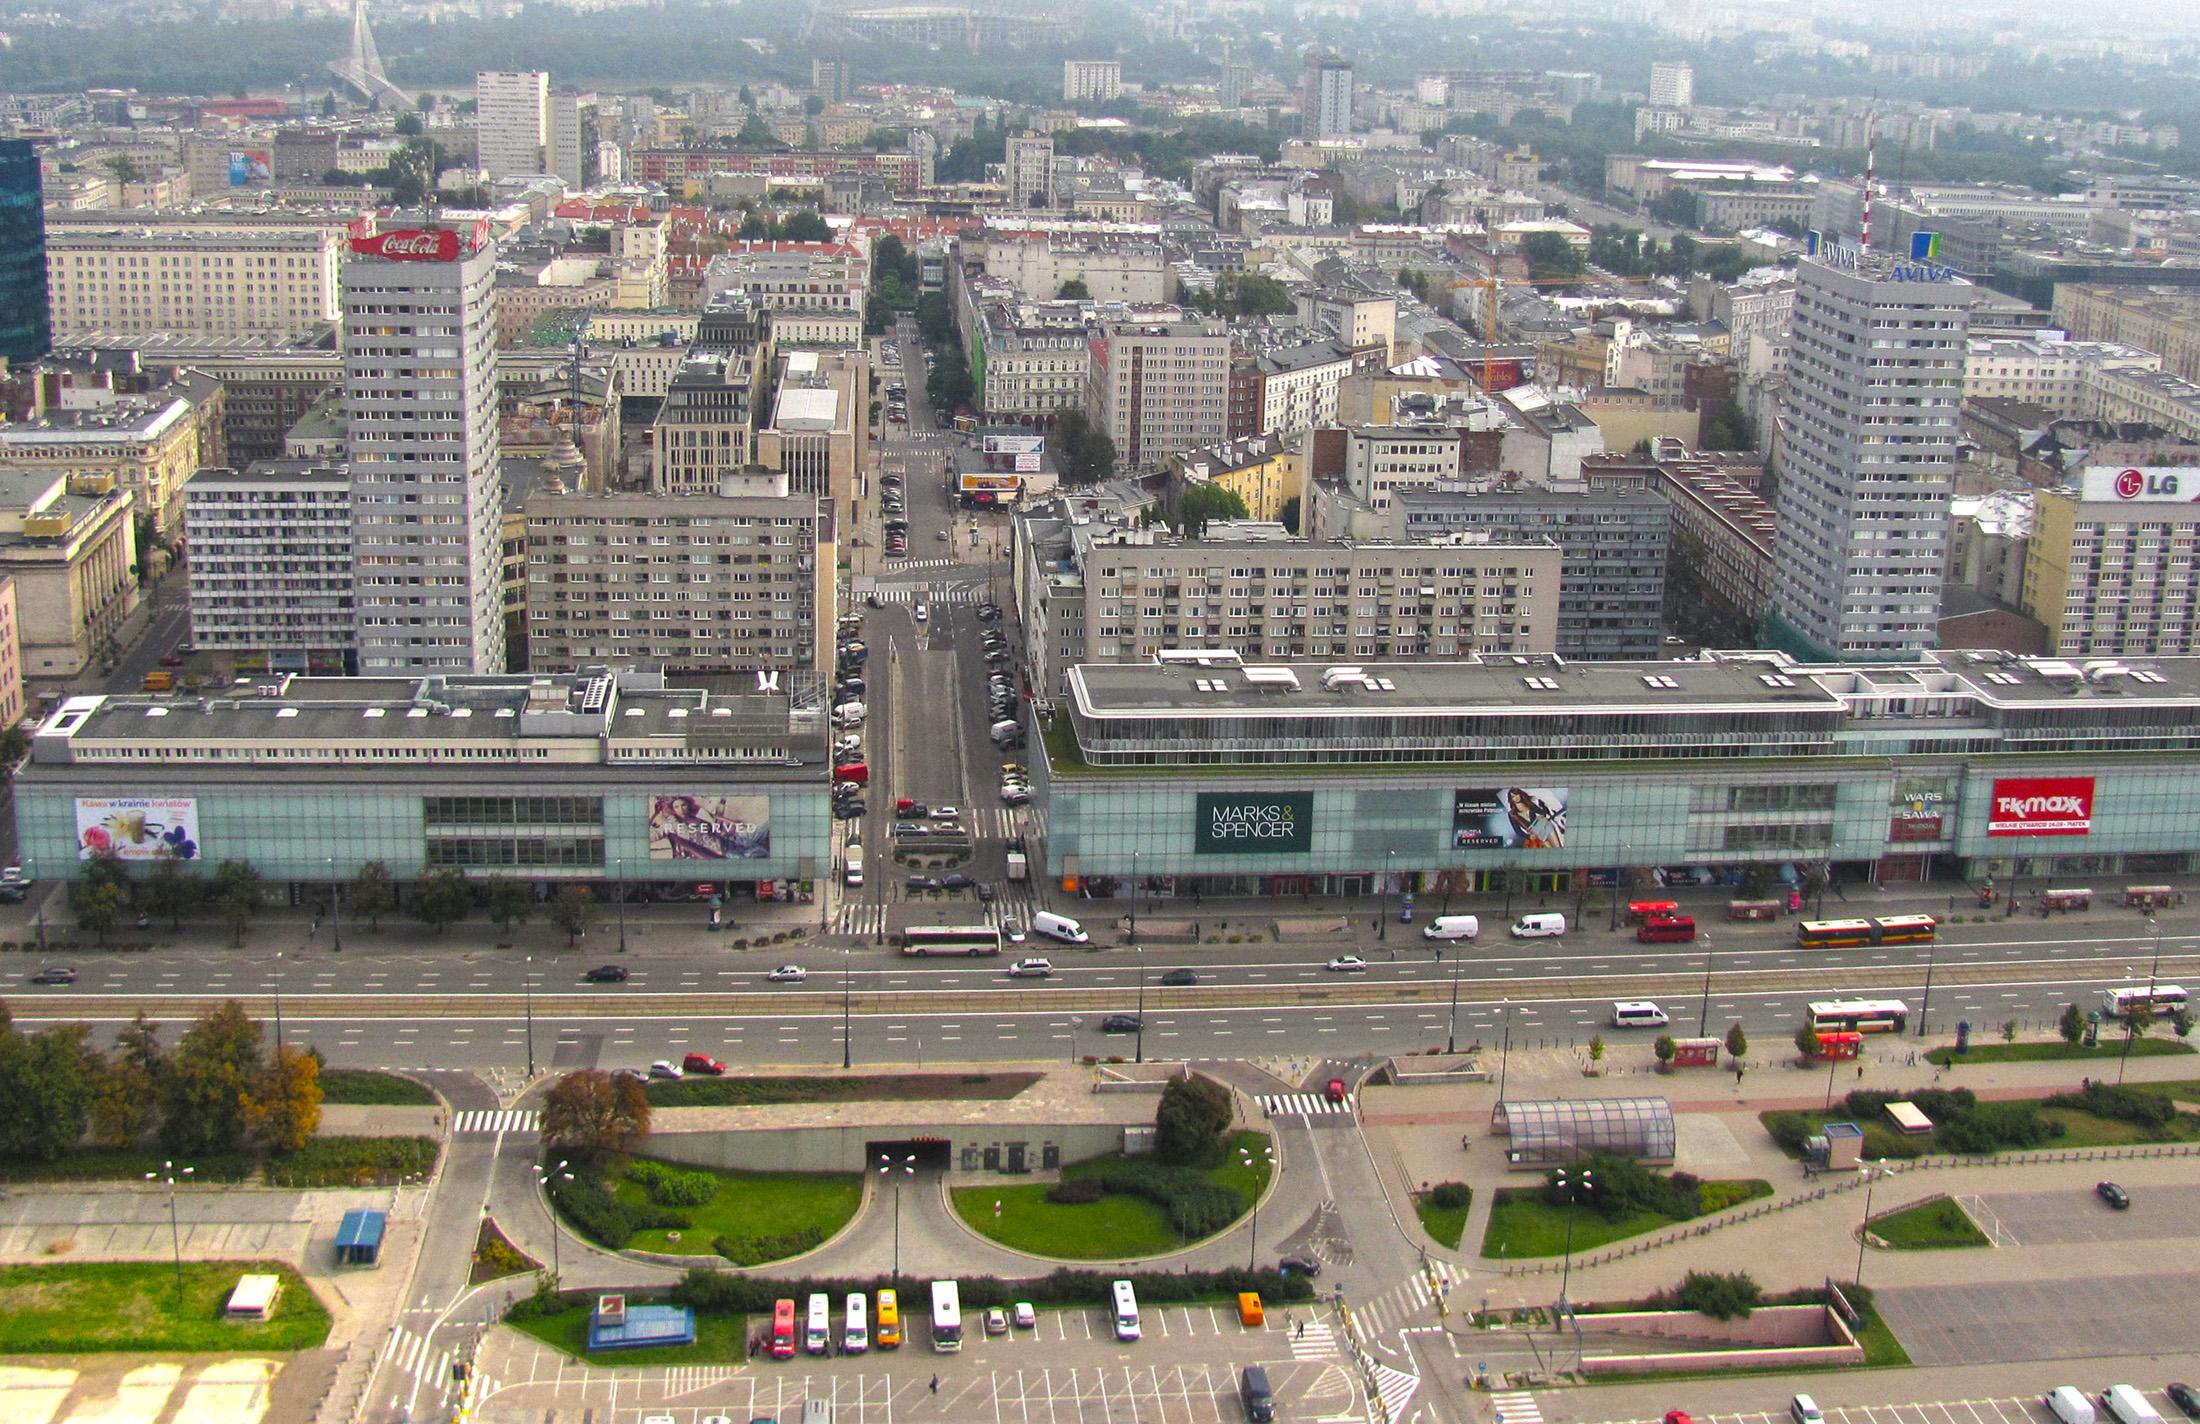 Cea mai bună ţară pentru afaceri din Europa de Est şi Asia Centrală